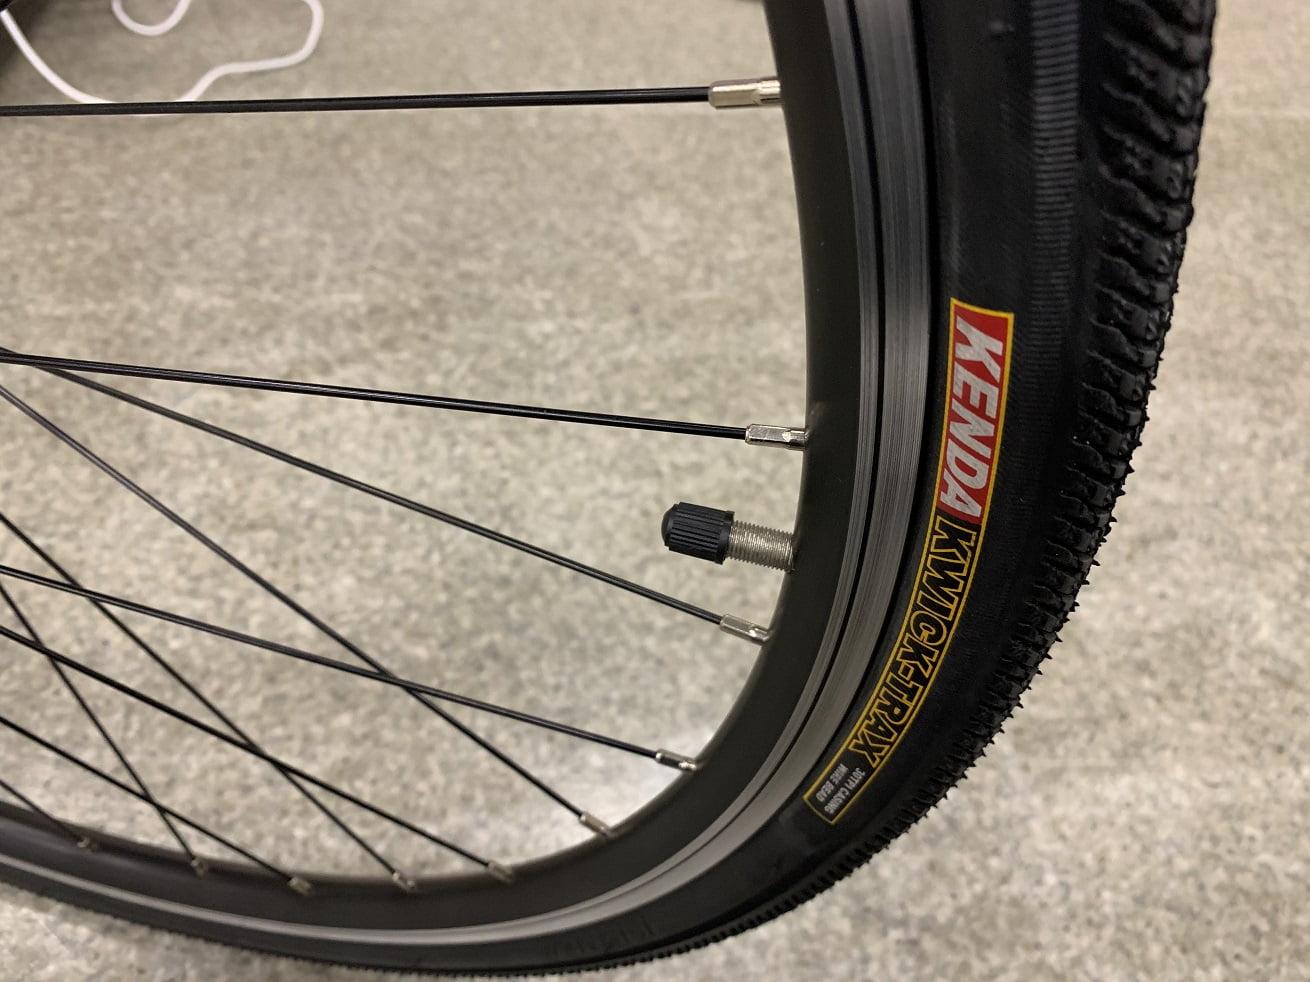 クロスバイク「かもめ自転車」クロスバイクK-045の700×32Cタイヤと米式チューブ